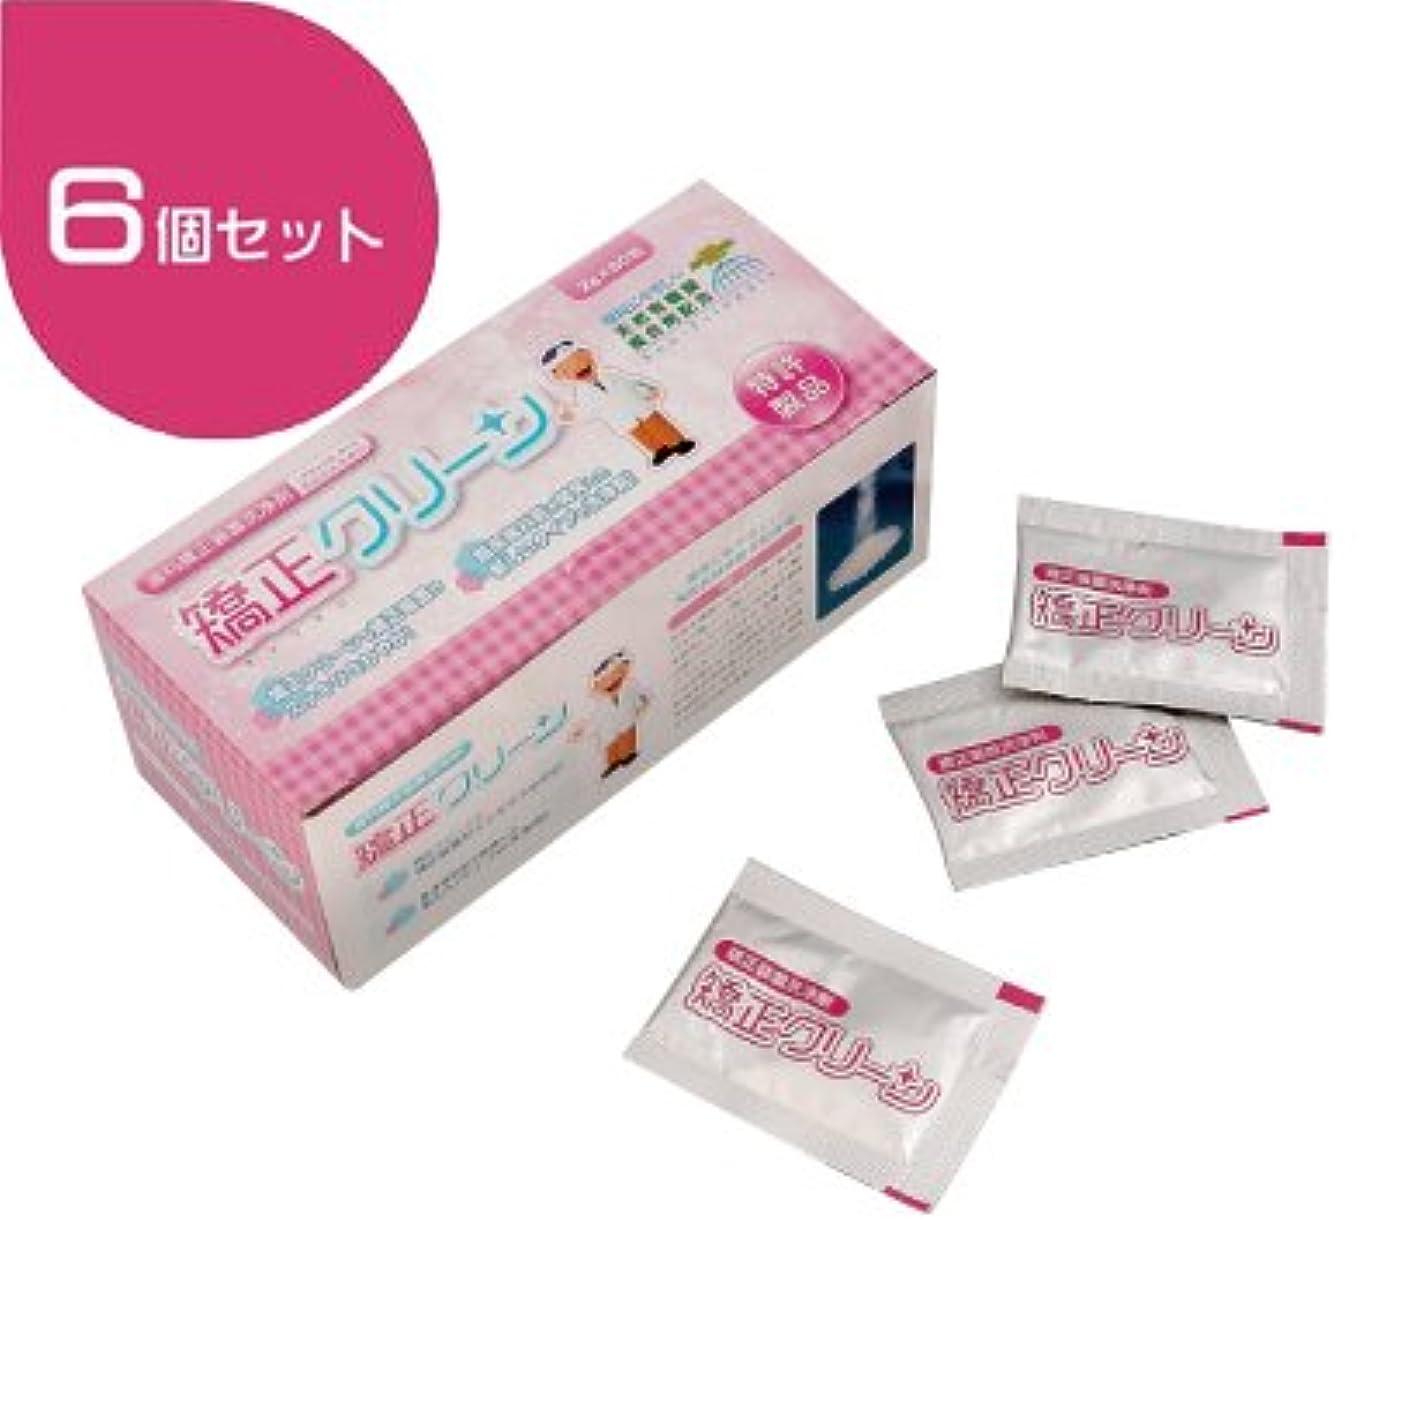 ライブ仮説コンチネンタル矯正クリーン 1箱(2g×60包入り) × 6個 歯科矯正装置用洗浄剤